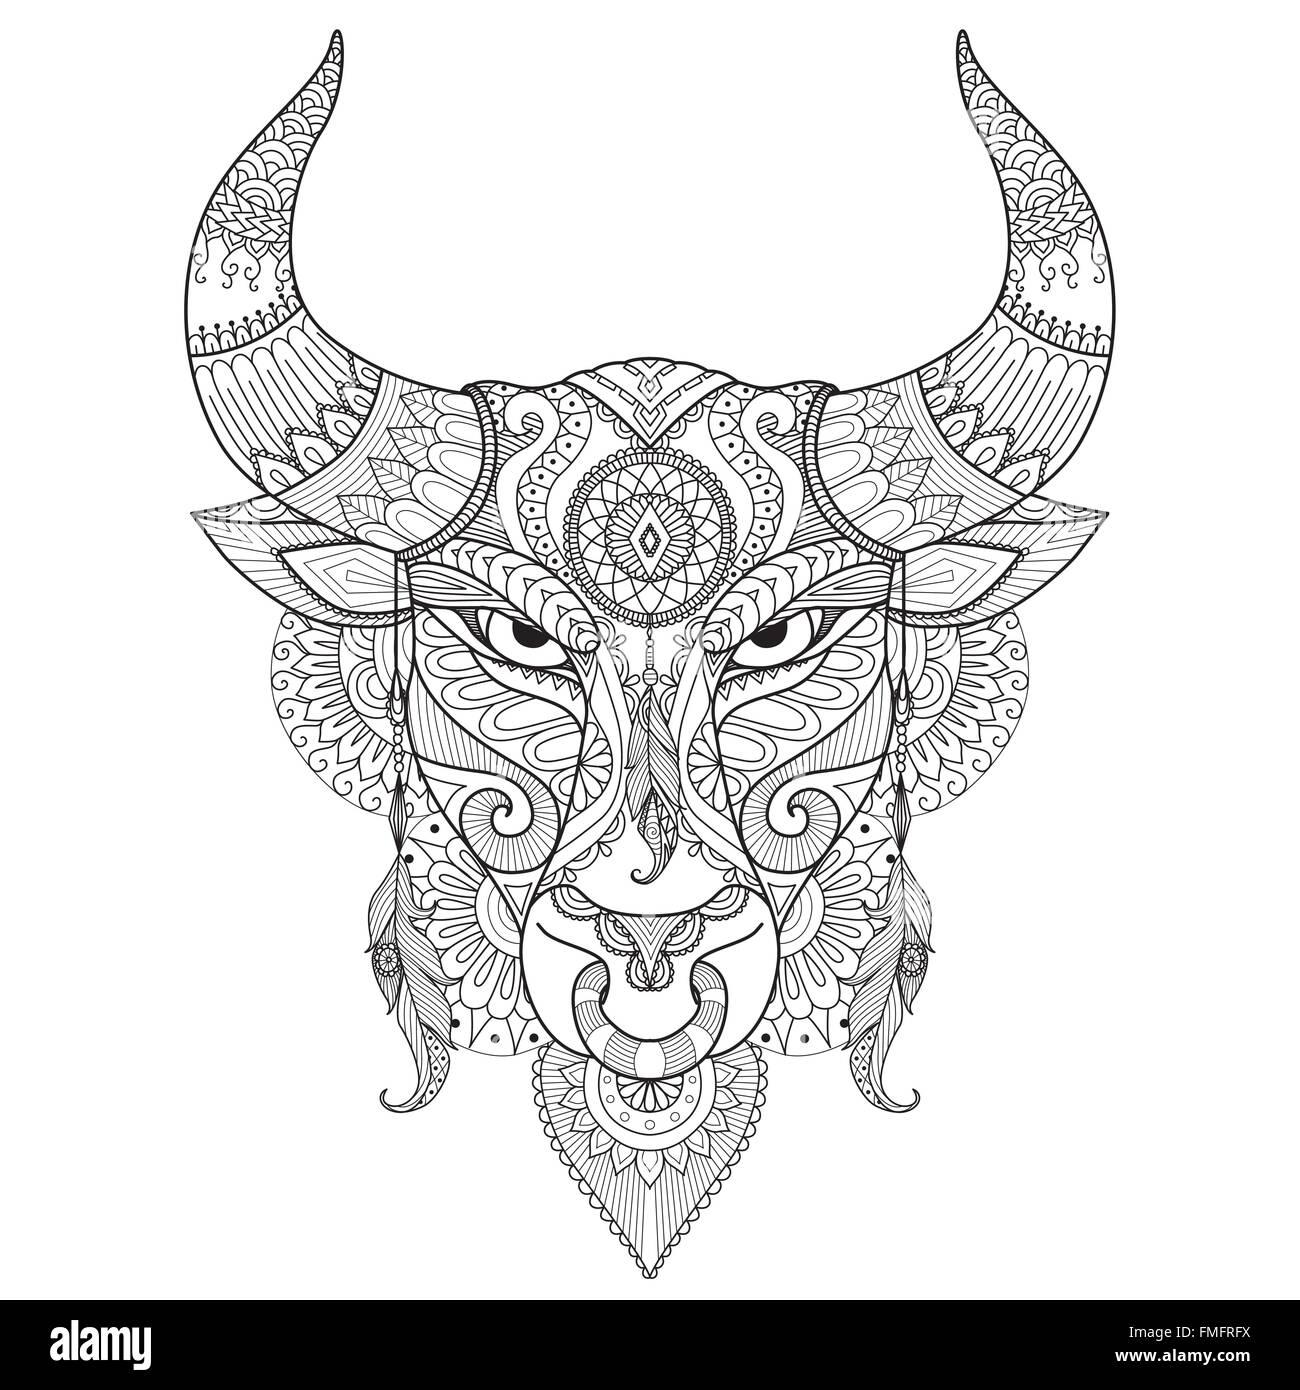 Disegno Arrabbiato Bull Per Libro Da Colorare Tattoo Logo T